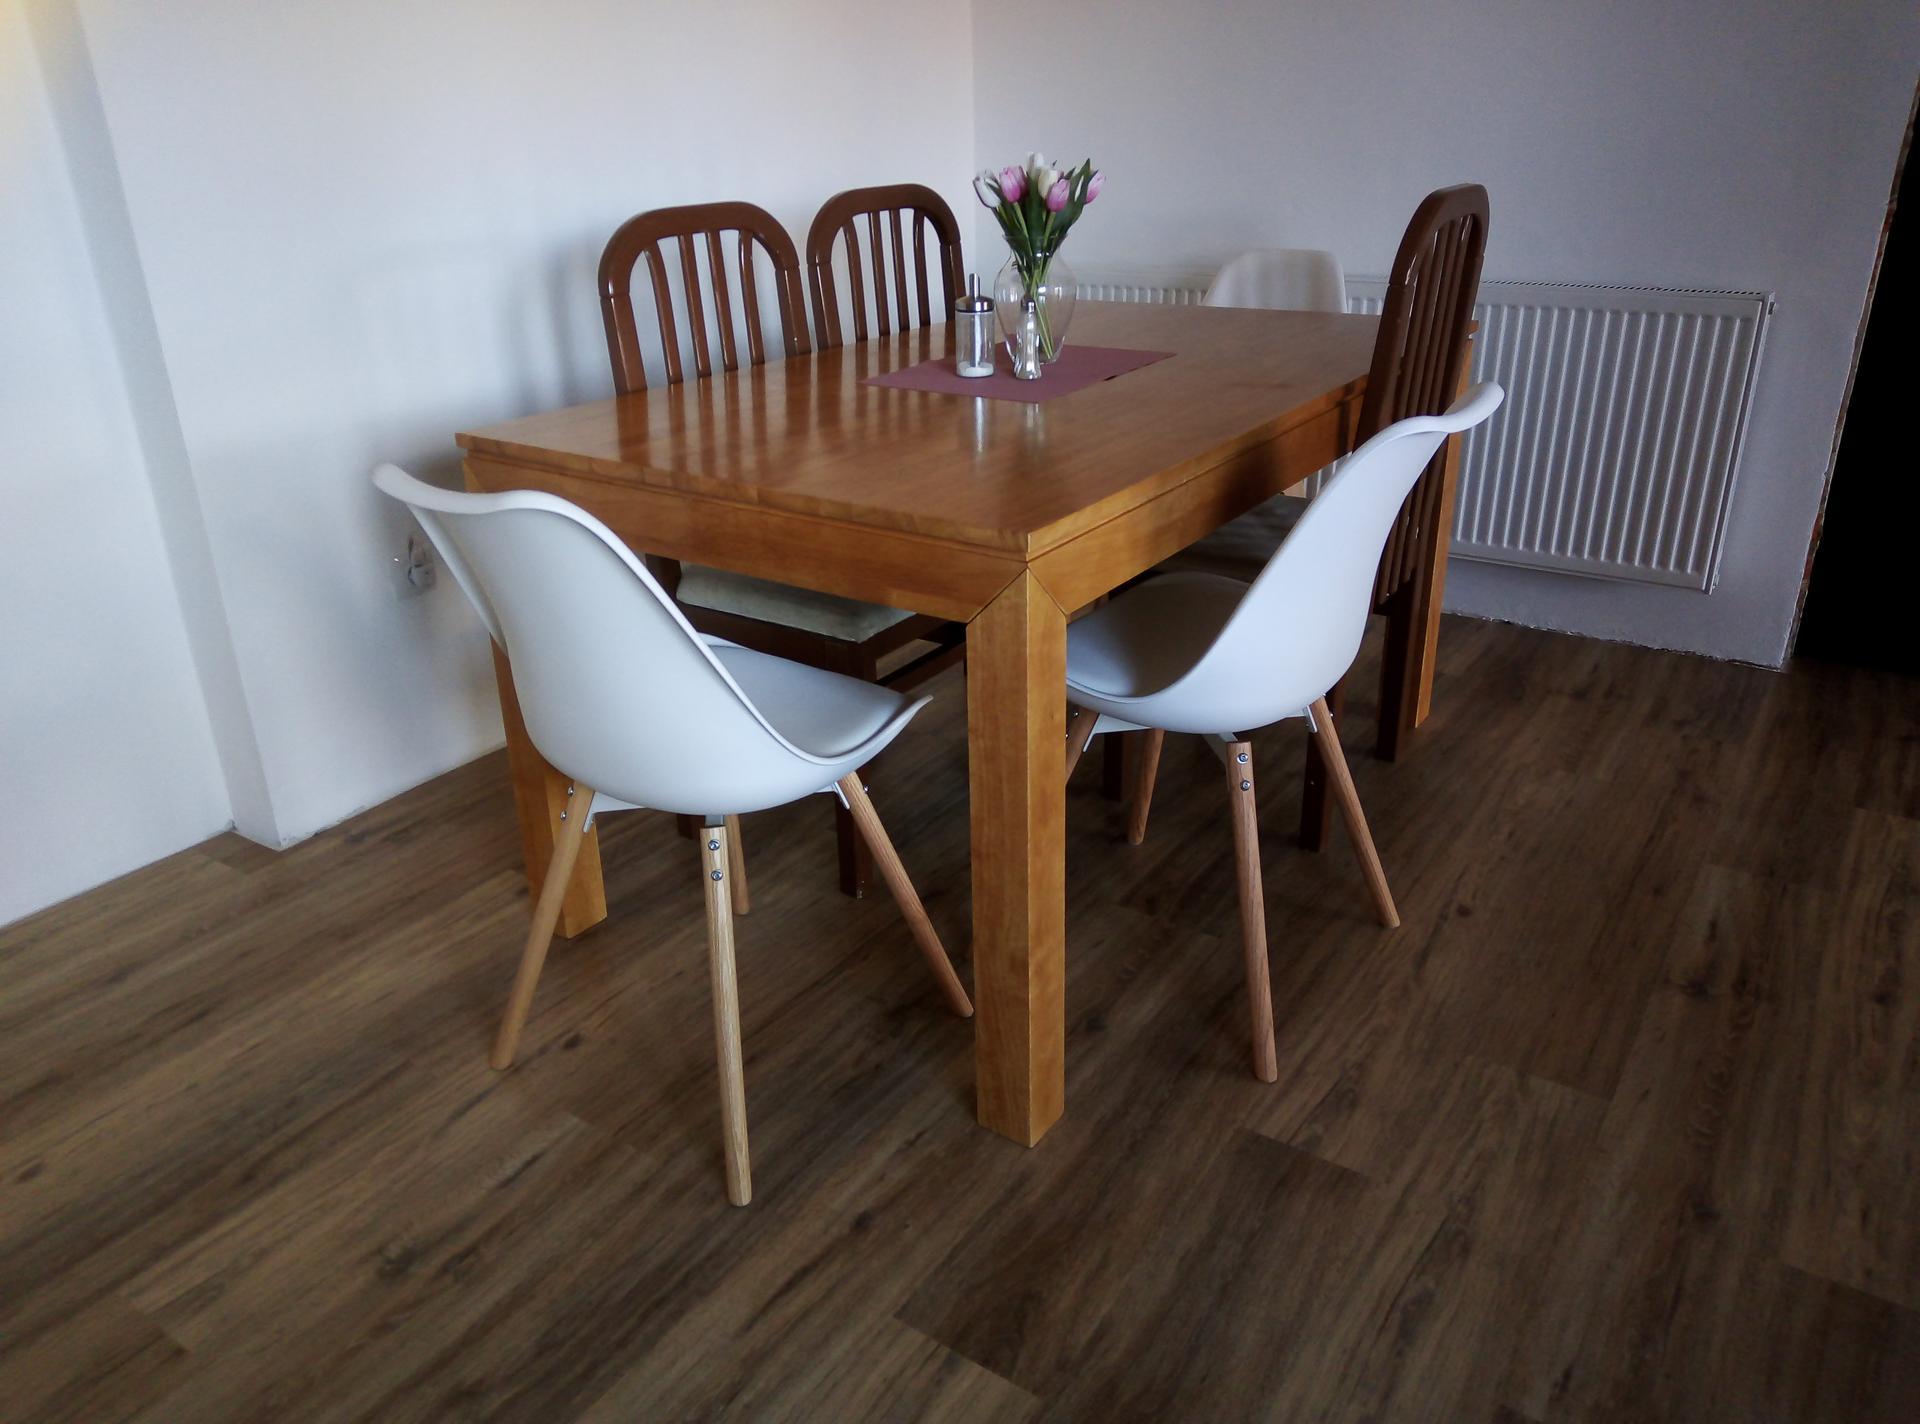 Sen o kuchyni... - Zatím jen dvě židle na zkoušku...sice jsem chtěla jiné trošičku, ale ... :D